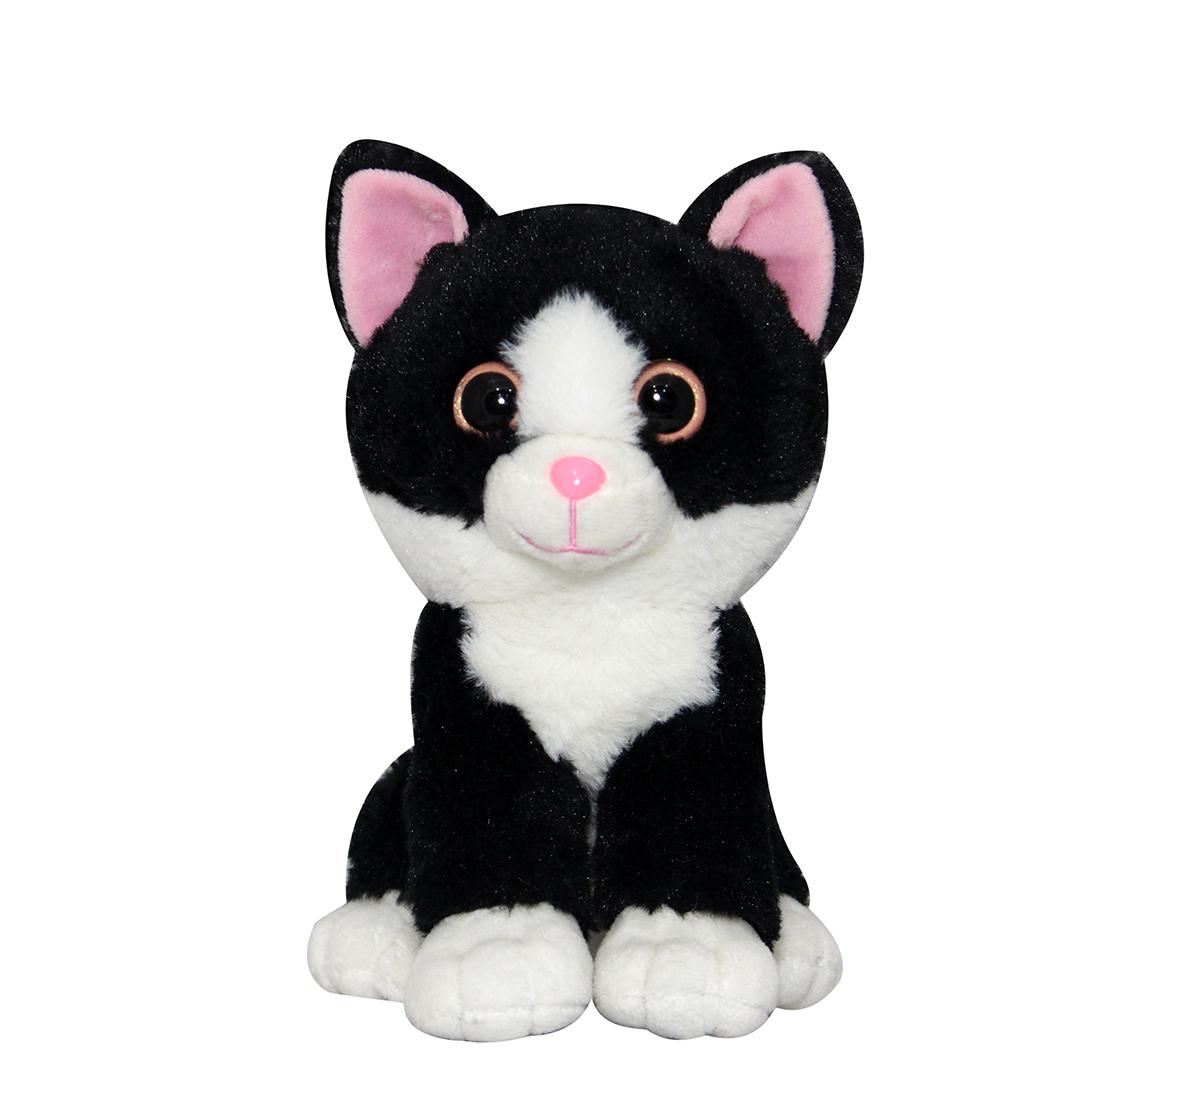 Soft Buddies | Softbuddies Big Eye Cat, Quirky Soft Toys for Kids age 3Y+ 30 Cm